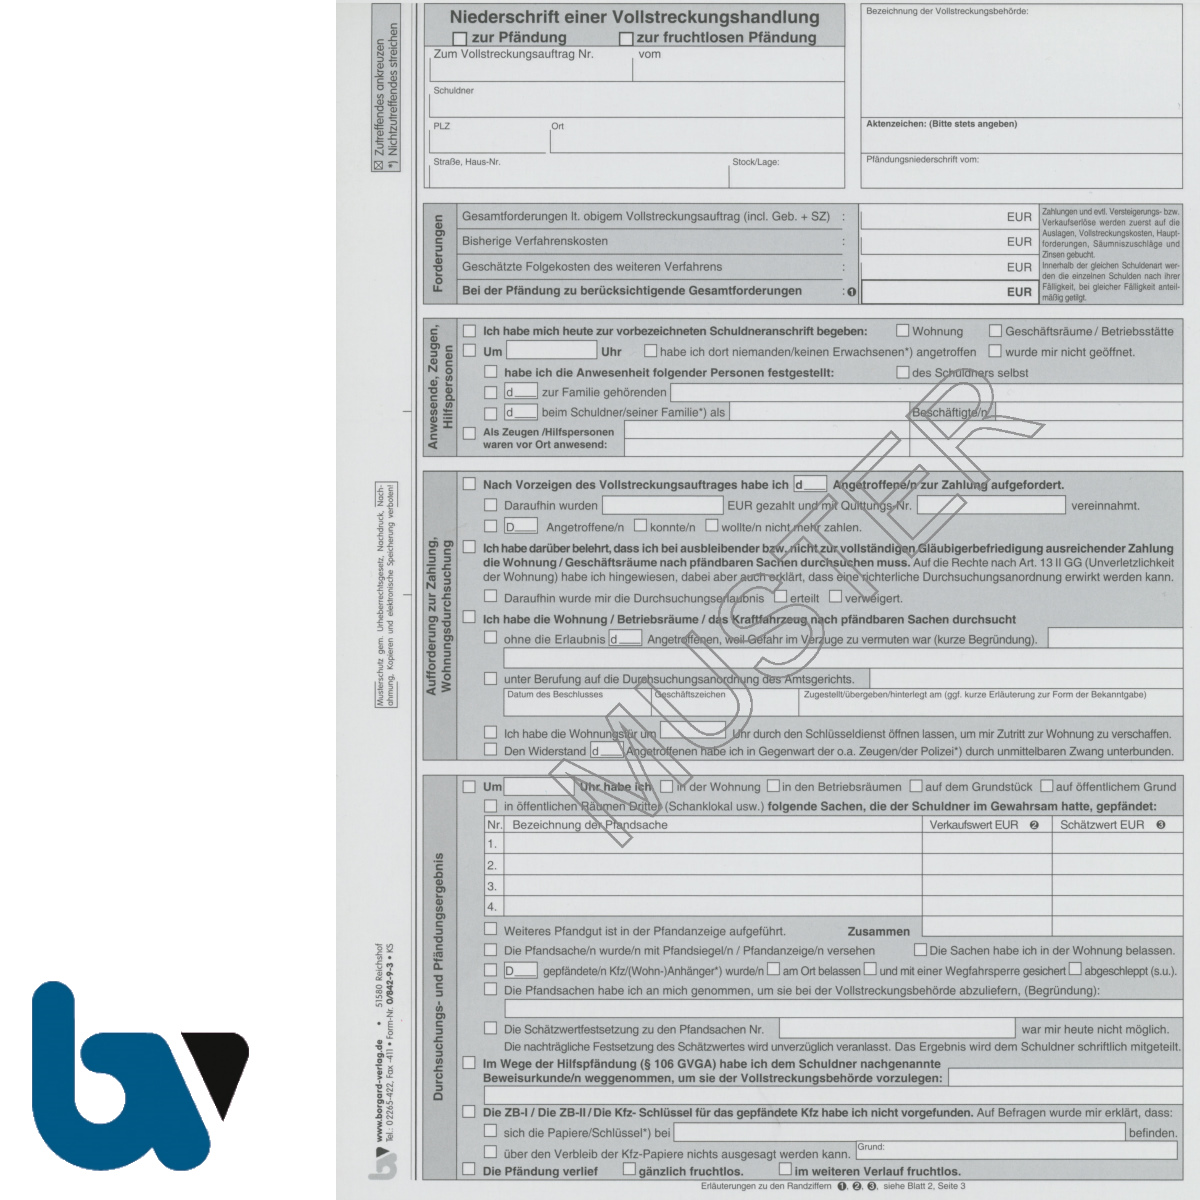 0/842-9.3 Niederschrift Bericht erfolglos fruchtlos Pfändung Einschlagdeckel Durchschreibeschutz Schreibschutzdeckel perforiert 2 mal 2-fach selbstdurchschreibend DIN A4 Seite 1 | Borgard Verlag GmbH